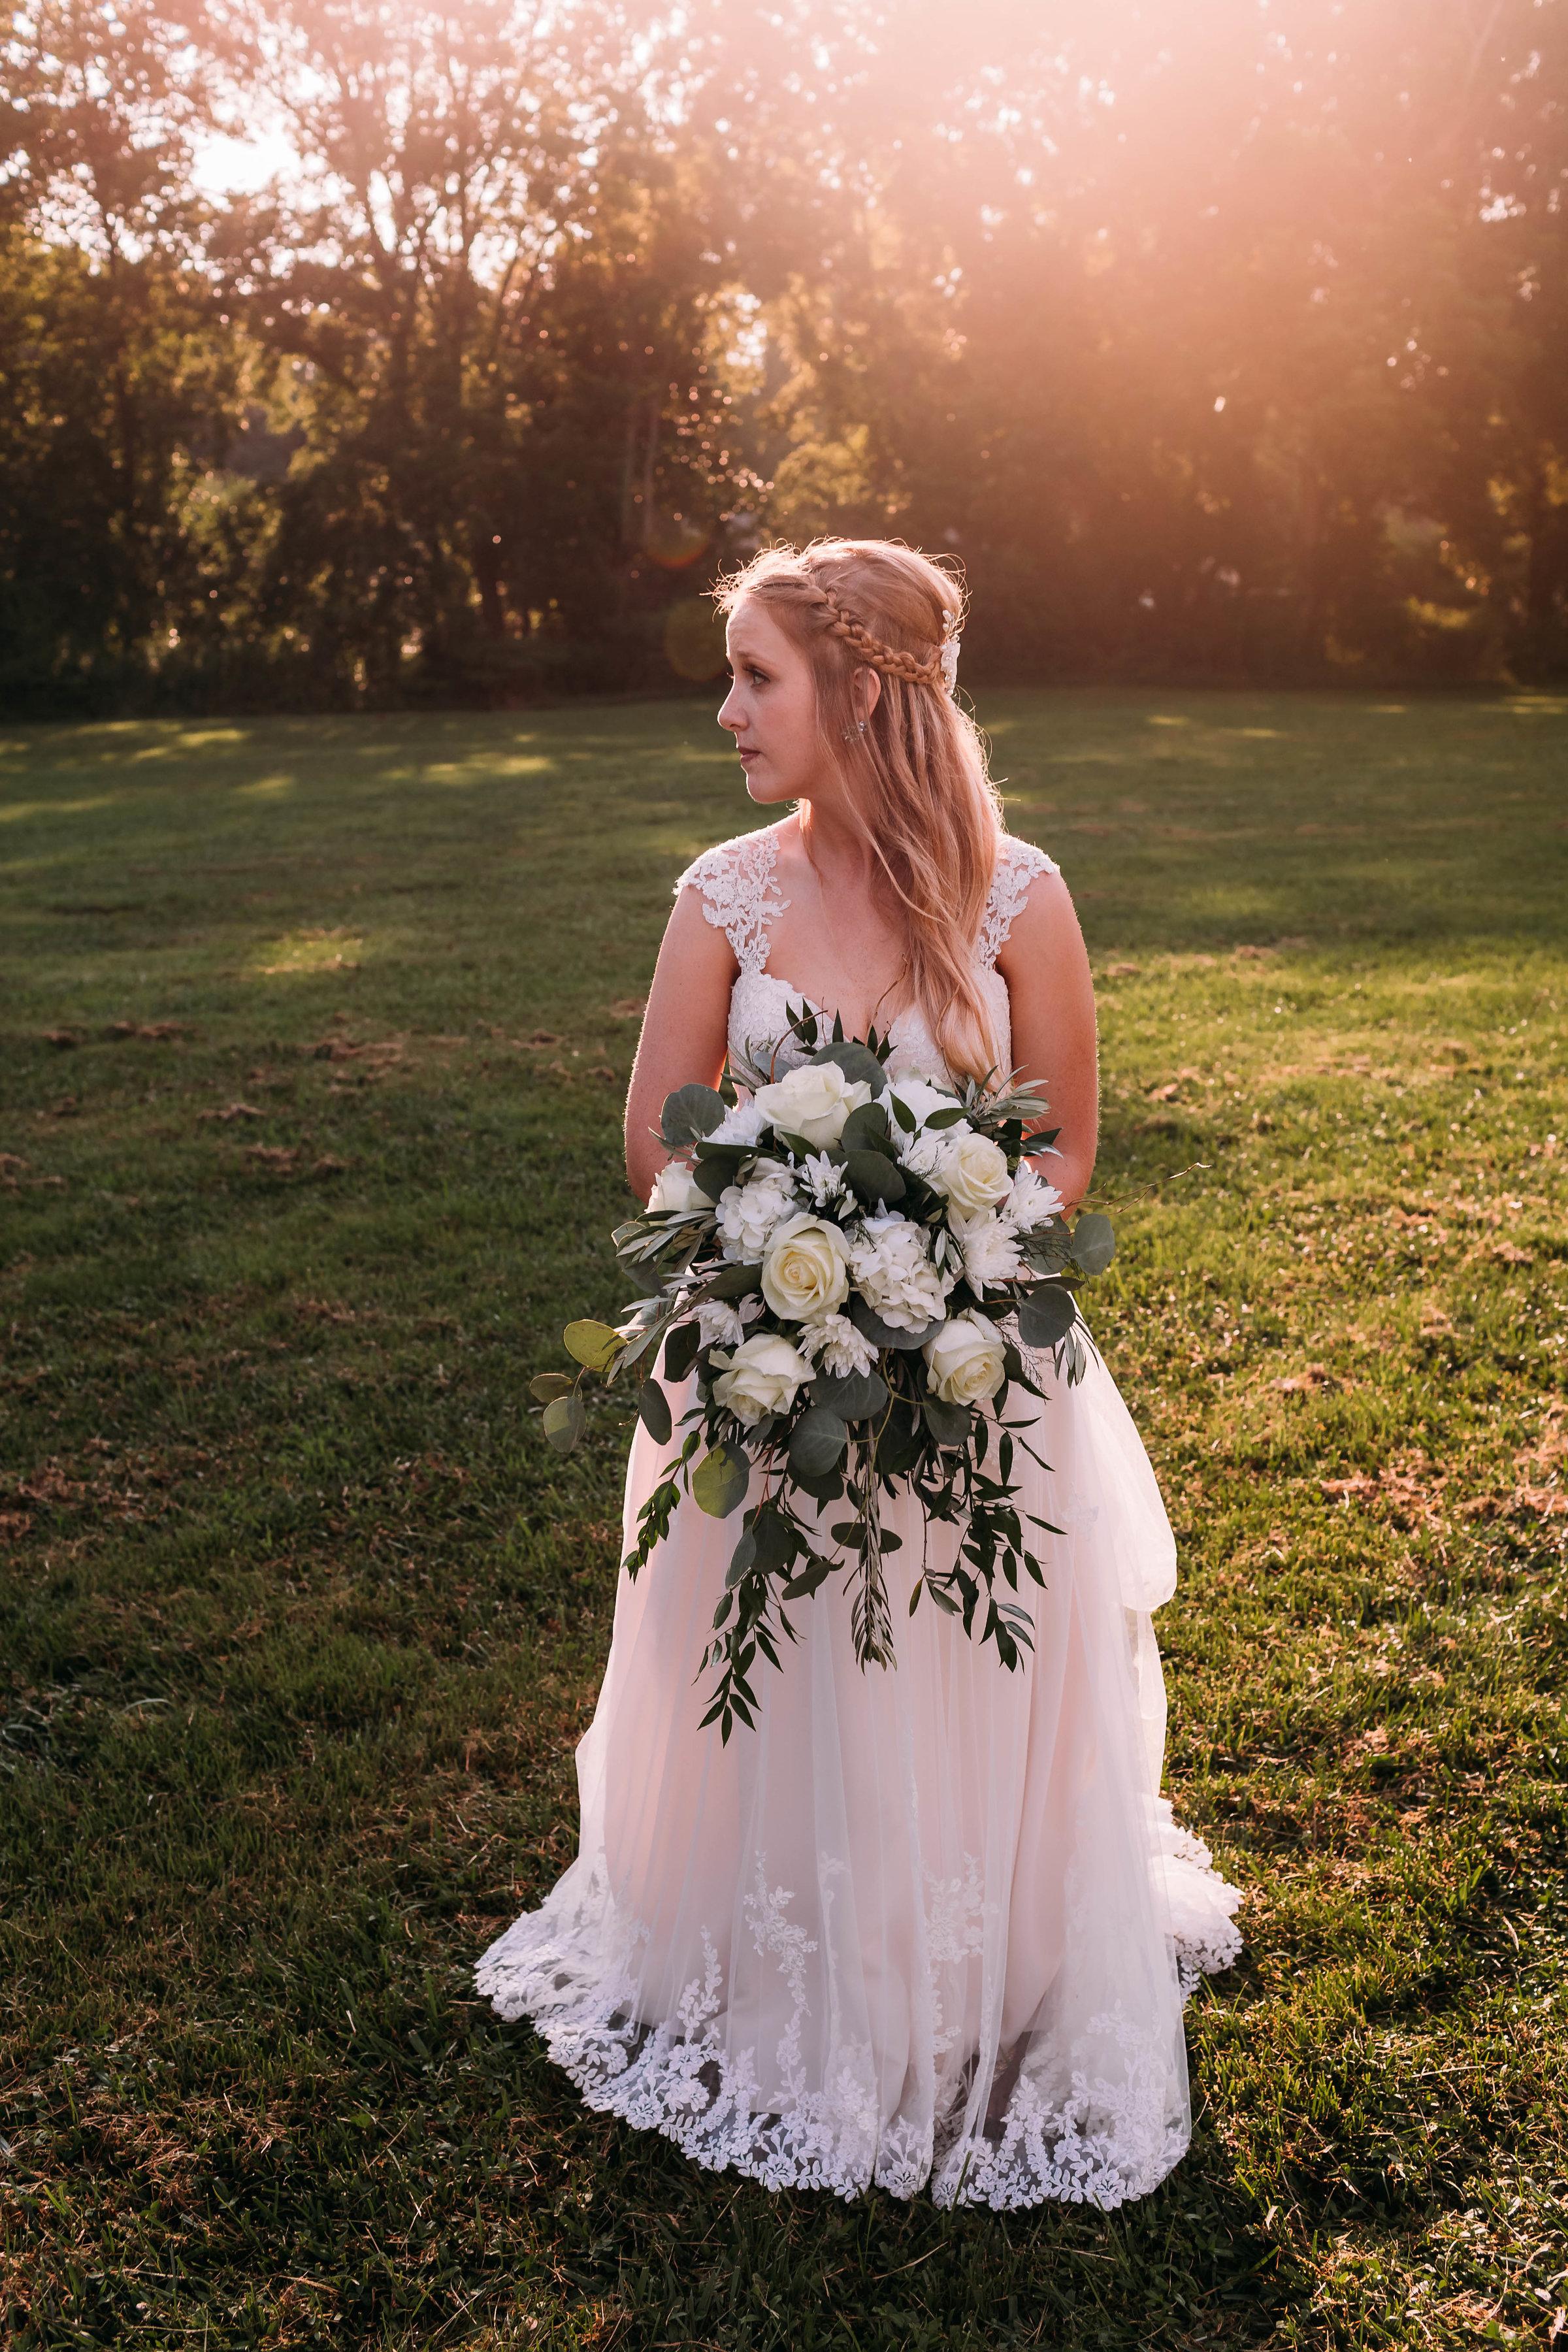 Honeysuckle-Hill-Asheville-Wedding-Venue-Galleries-Samantha-244.jpg